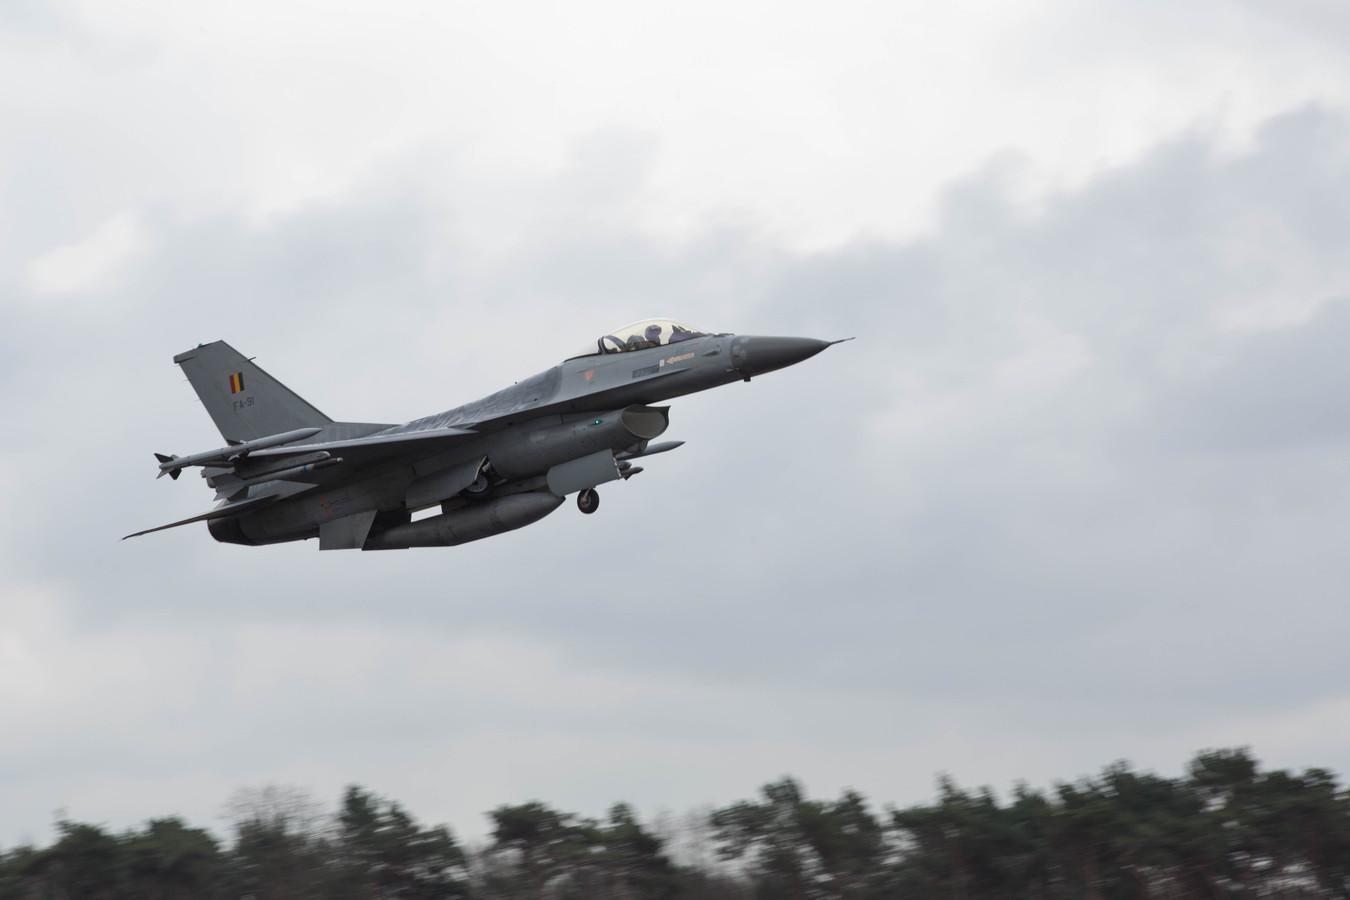 Aan de vliegbasis in Kleine-Brogel bij Peer werd een te hoge concentratie PFOS gemeten.